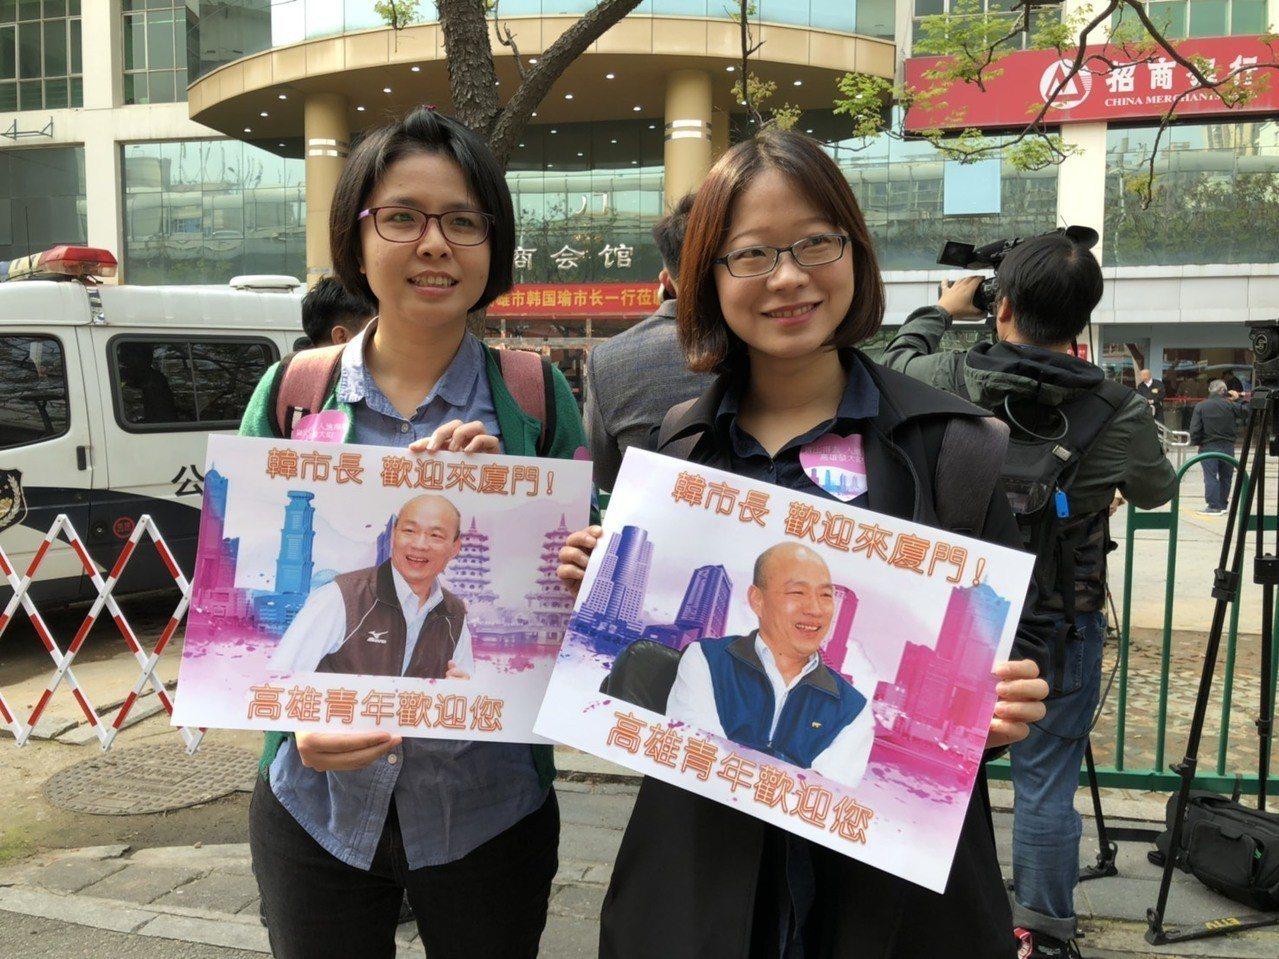 在廈門工作的高雄青年林婉茹(左)、胡育寧(右)2位化身「韓粉」到場熱情歡迎,來自...